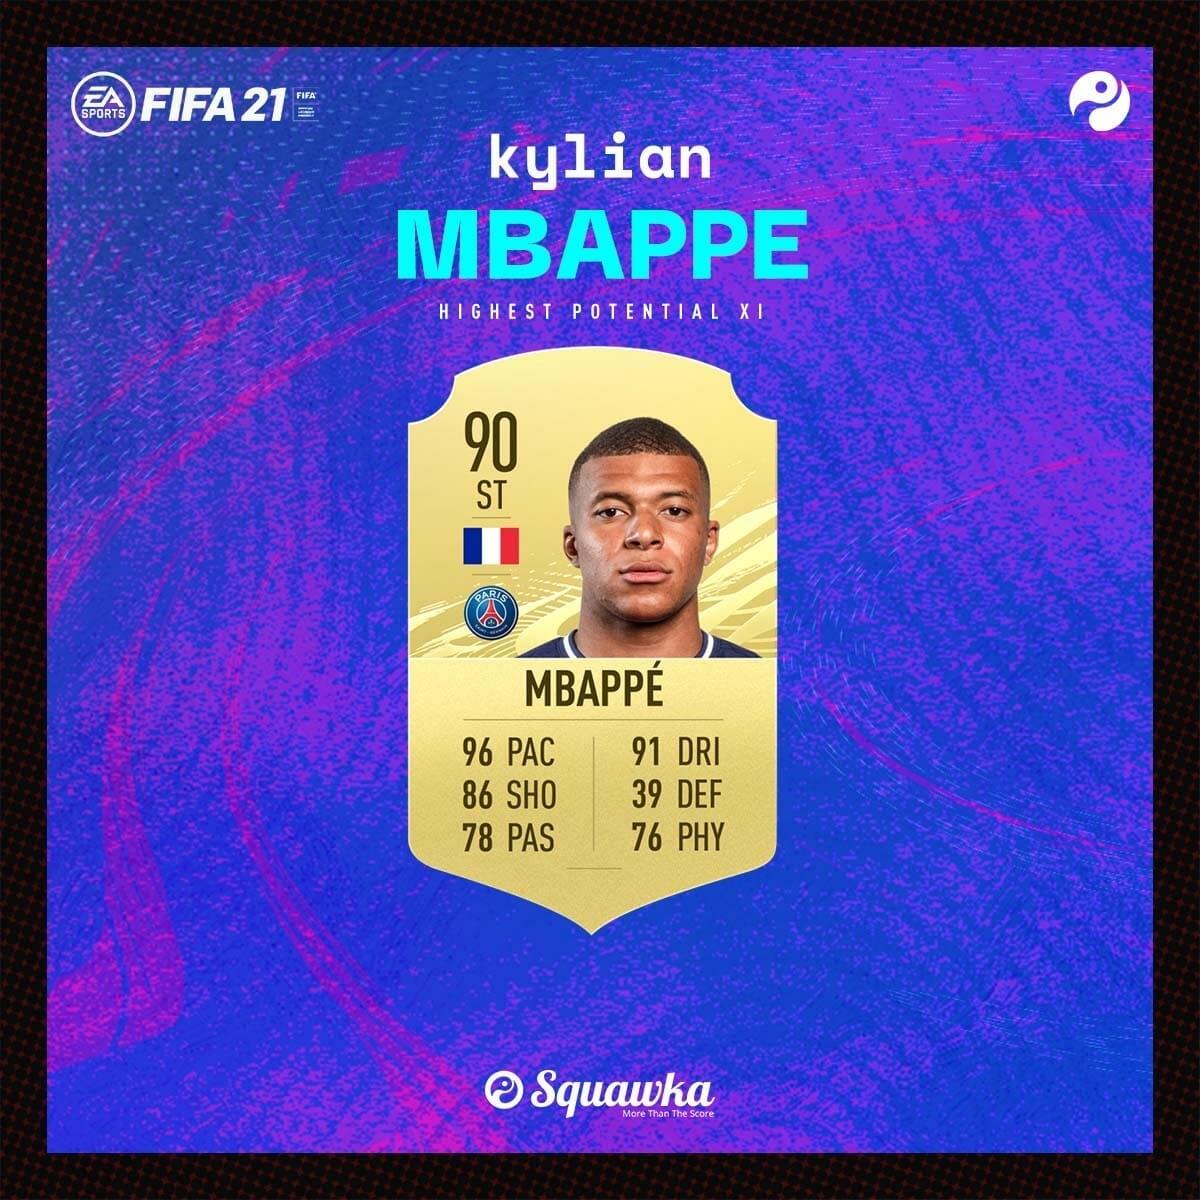 Tiền đạo: Kylian Mbappe - Chỉ số ban đầu: 90 - Tiềm năng phát triển: 95